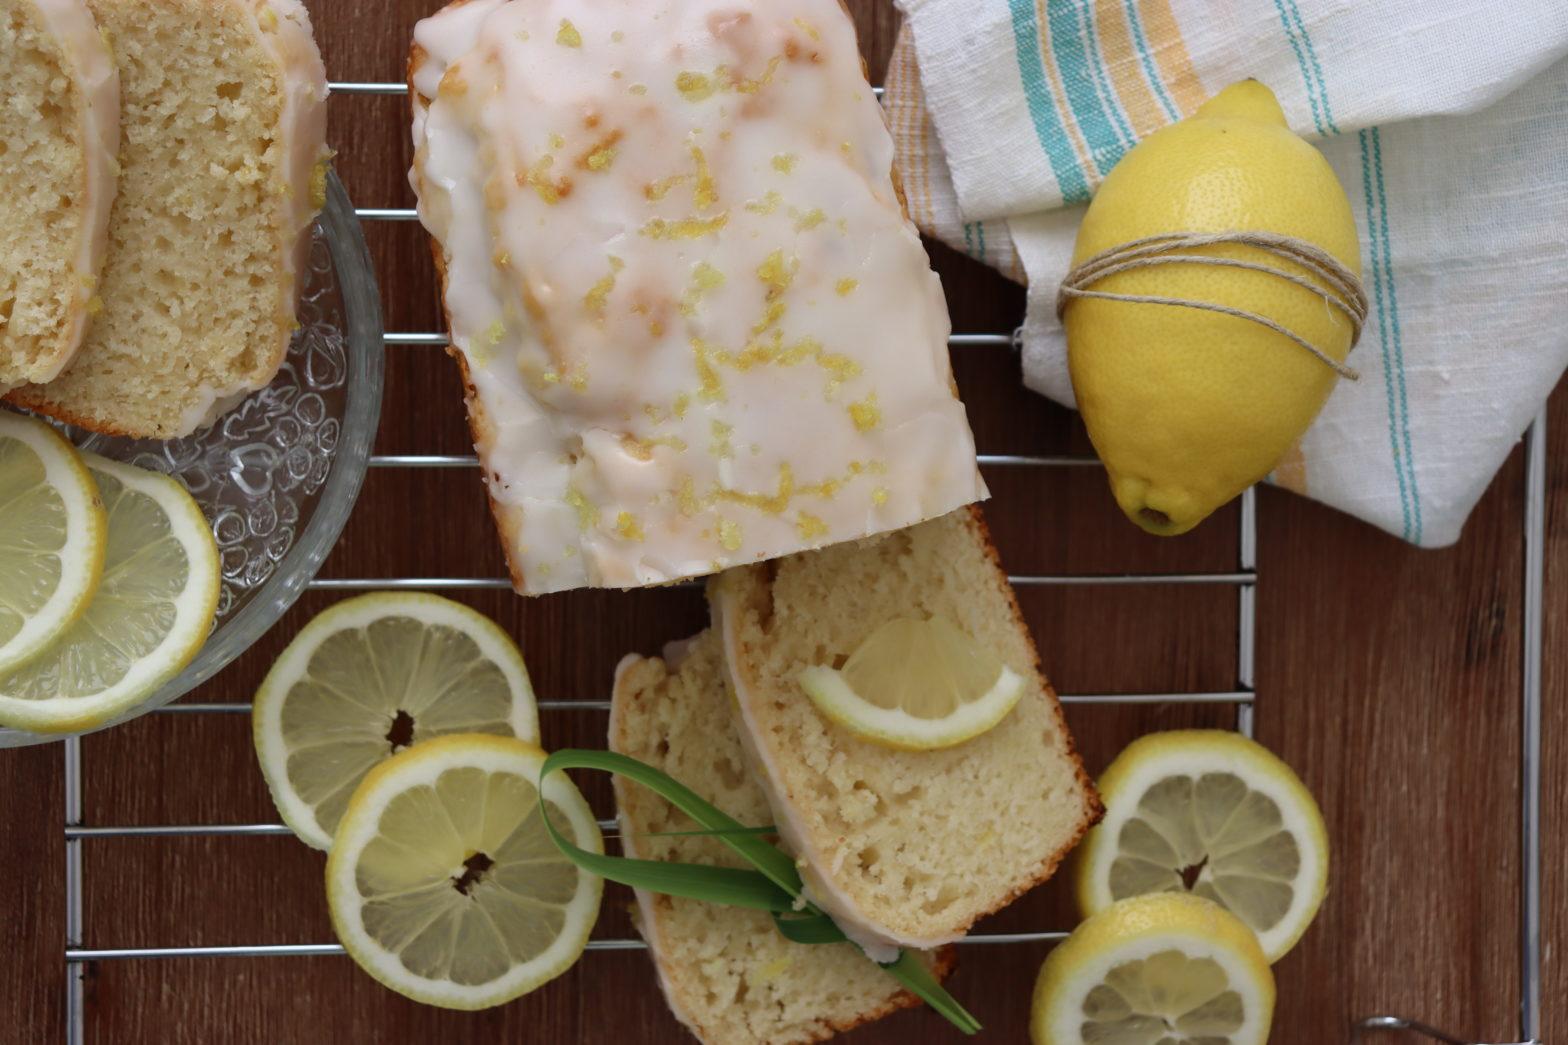 Zitronenkuchen mit vielen Zitronenscheiben